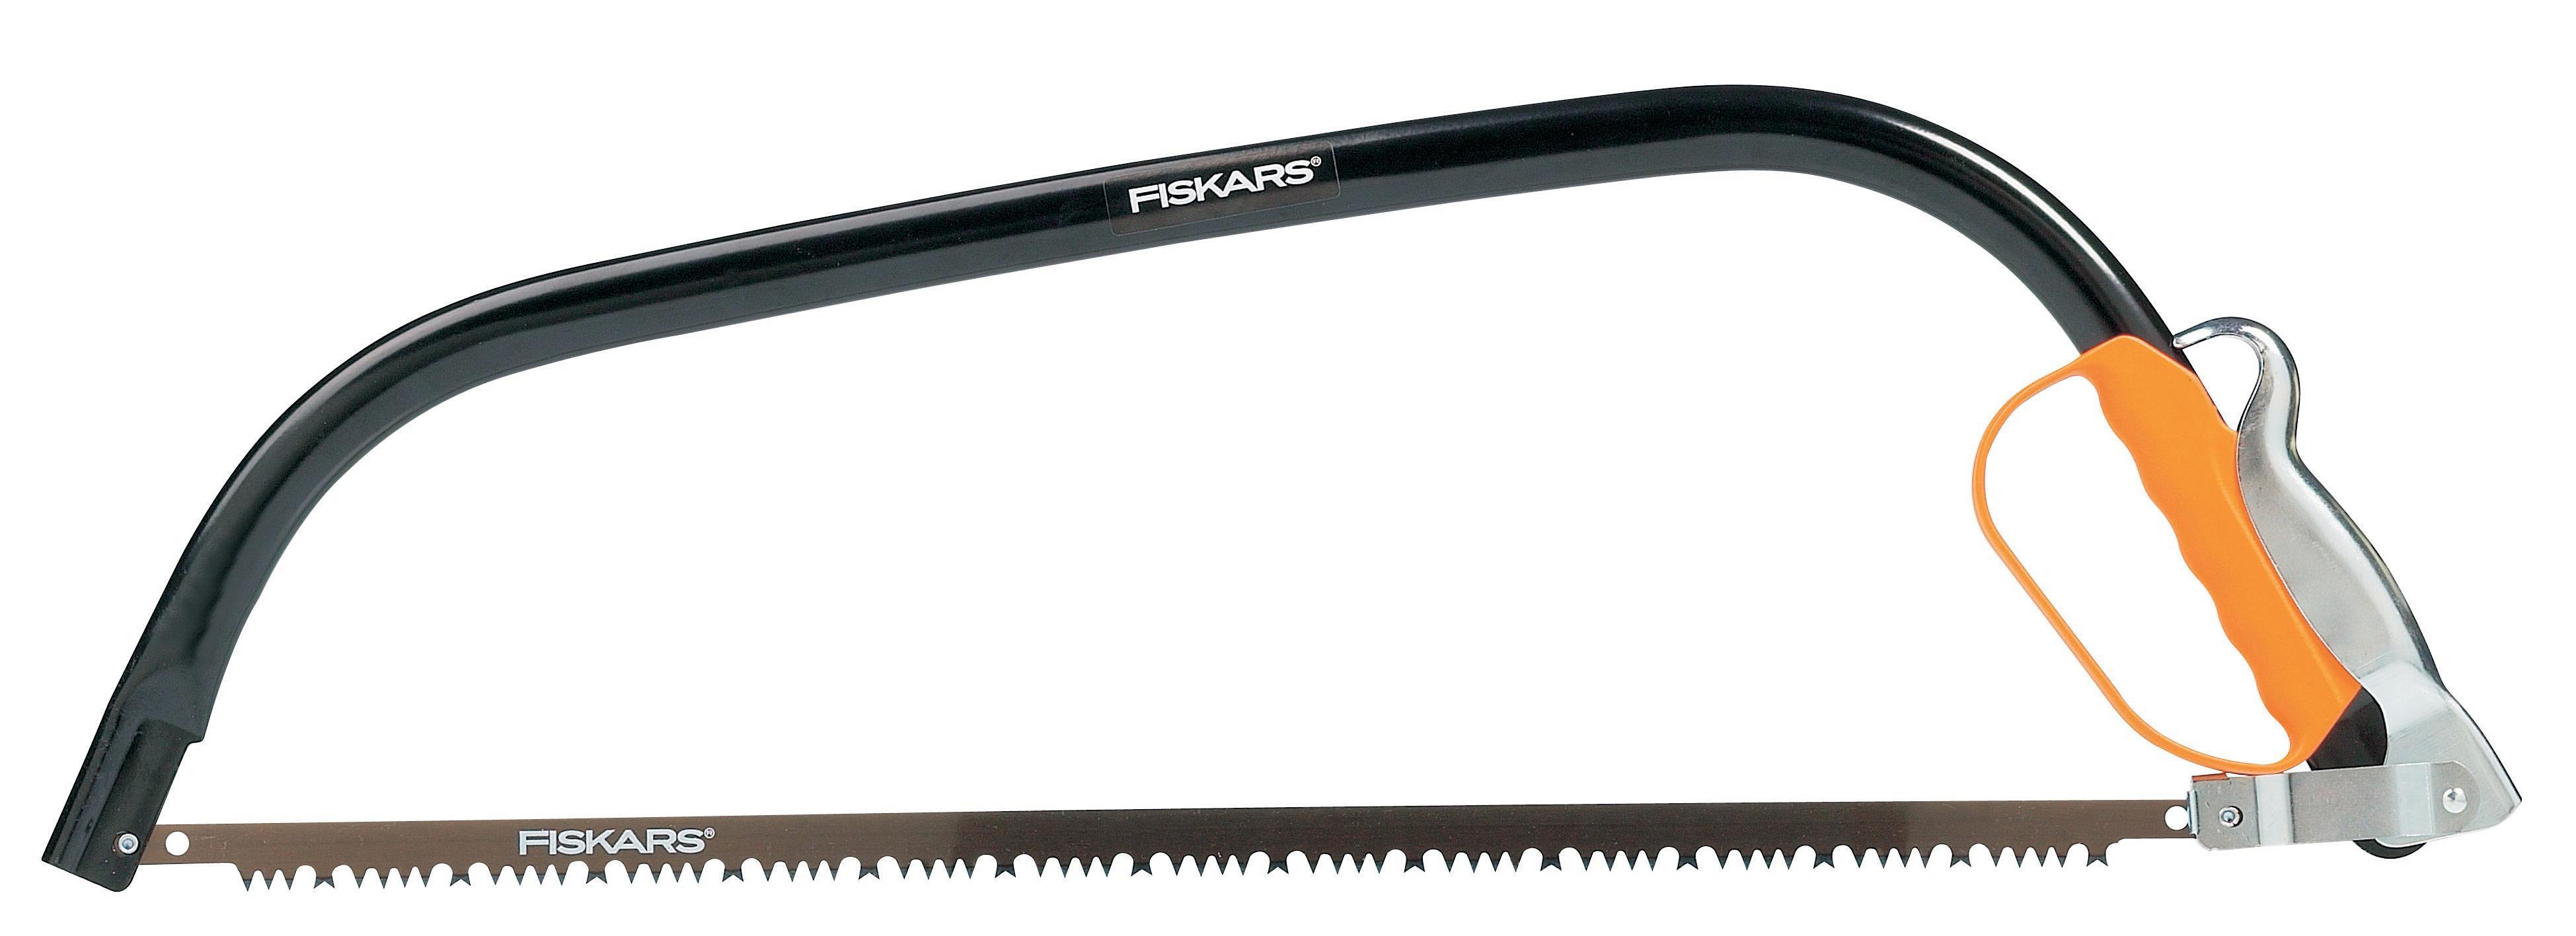 Пила лучковая Fiskars 124810 24'' лучковая эврика брелок металлический лучковая пила 816295